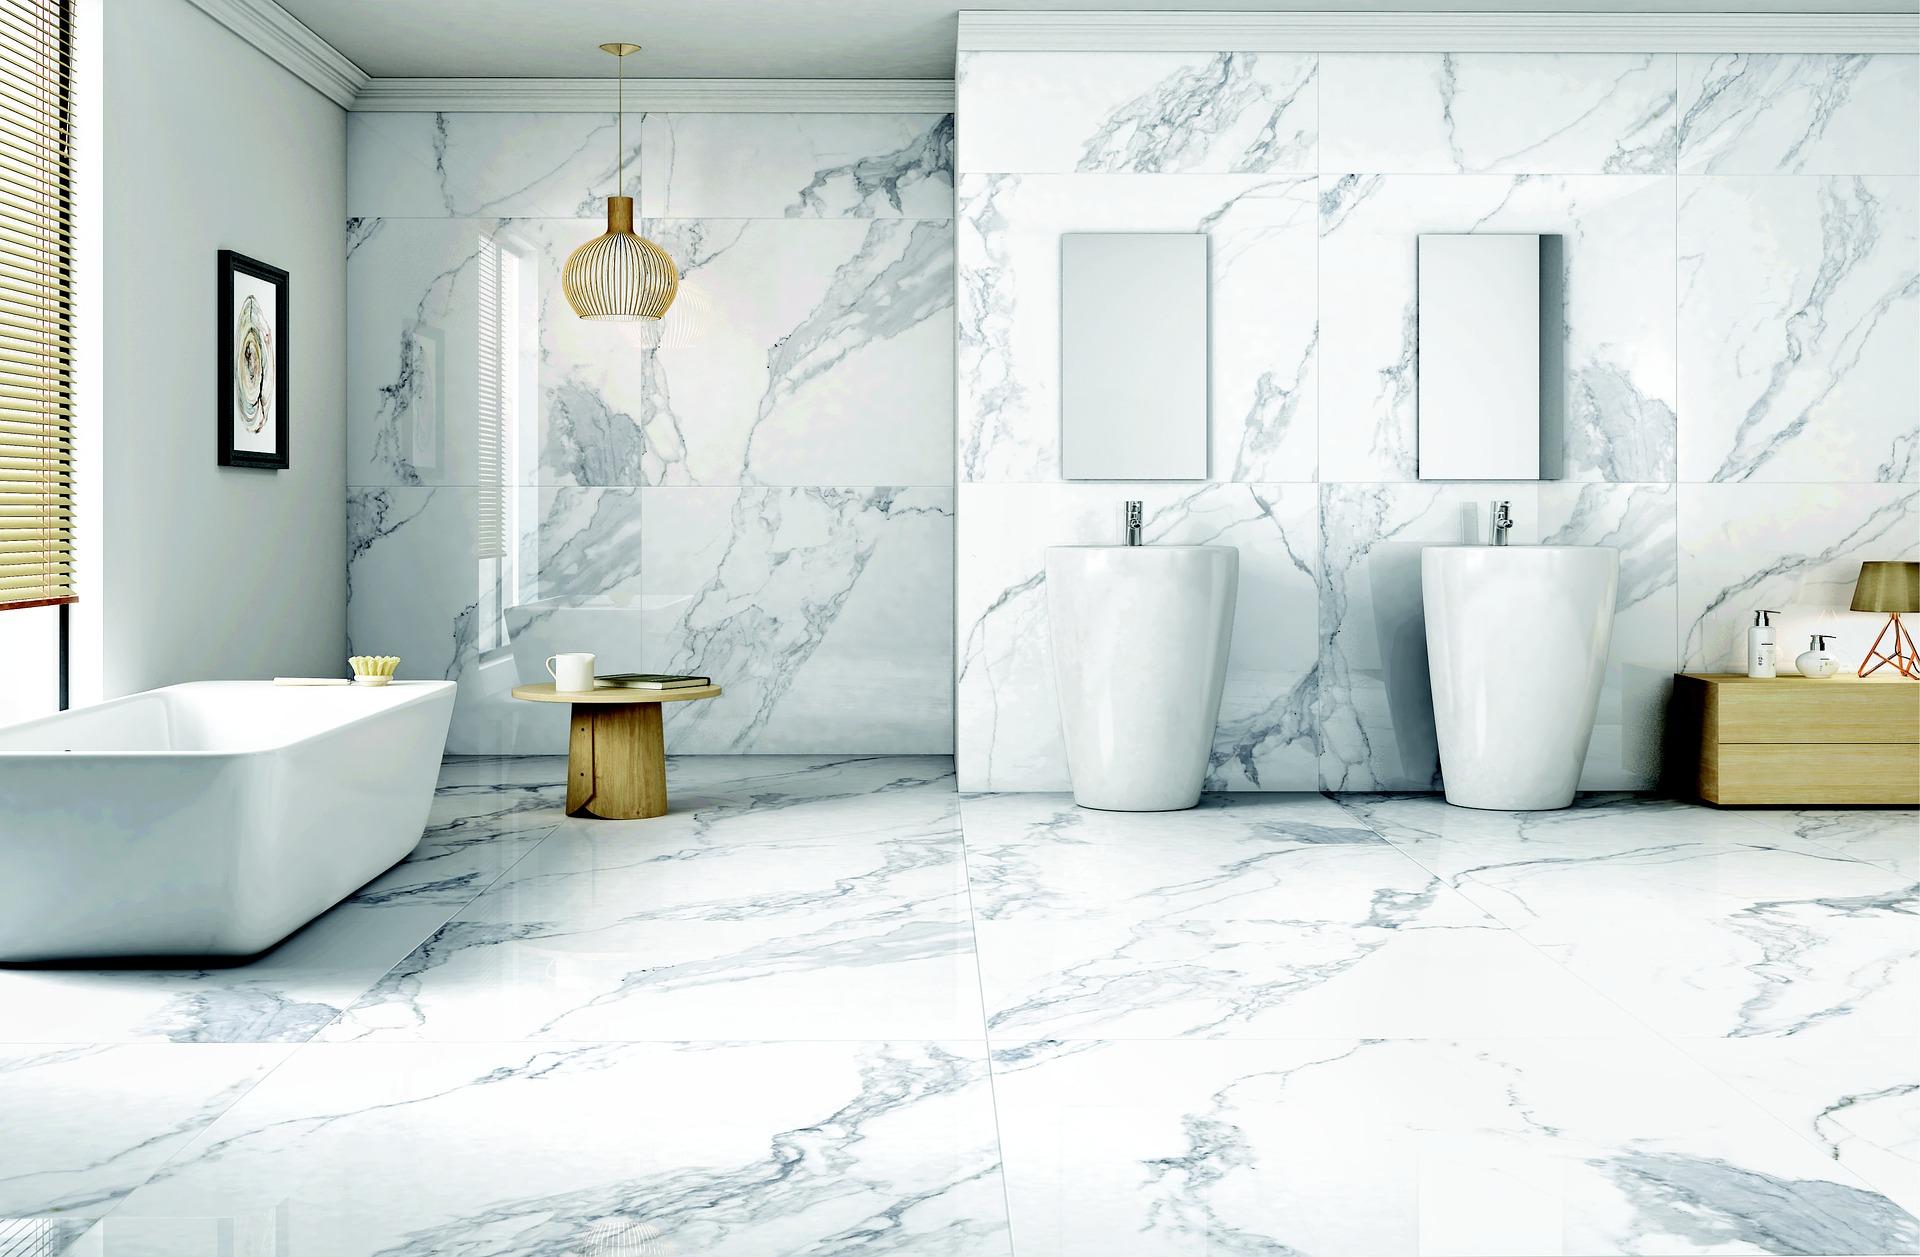 lavori in casa senza permesso finetodesign bagno